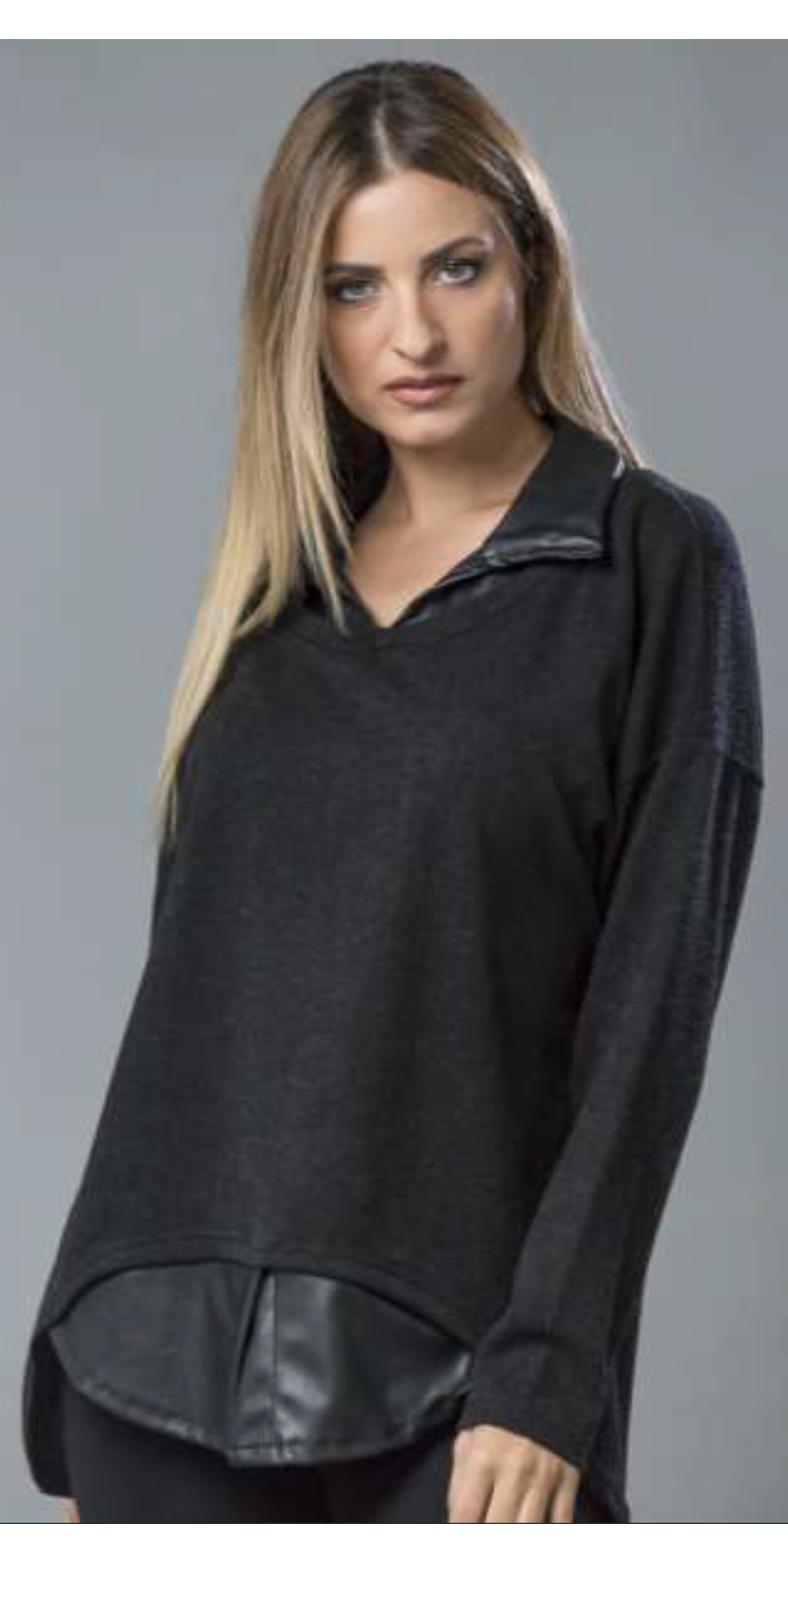 Μπλούζα με δερμάτινο γιακά σε πλεκτό μαύρο 4961